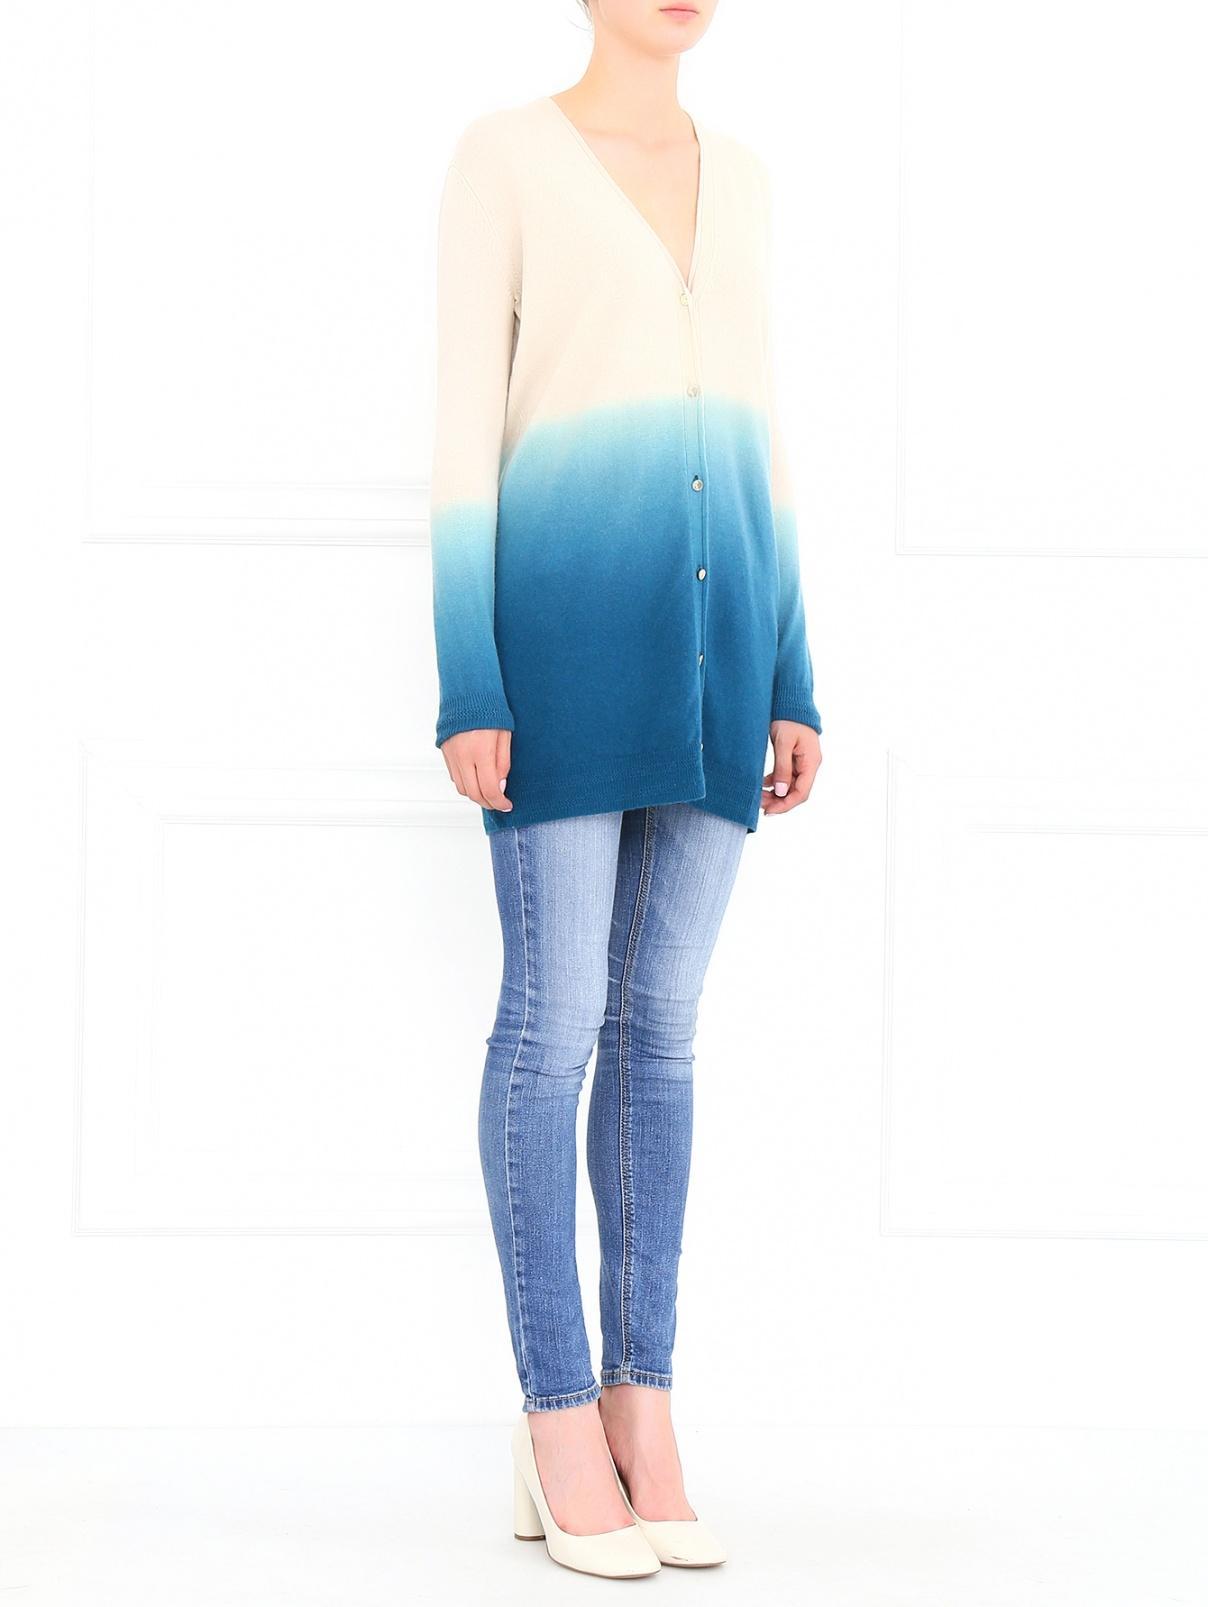 Кардиган из шерсти и кашемира Versace Collection  –  Модель Общий вид  – Цвет:  Бежевый